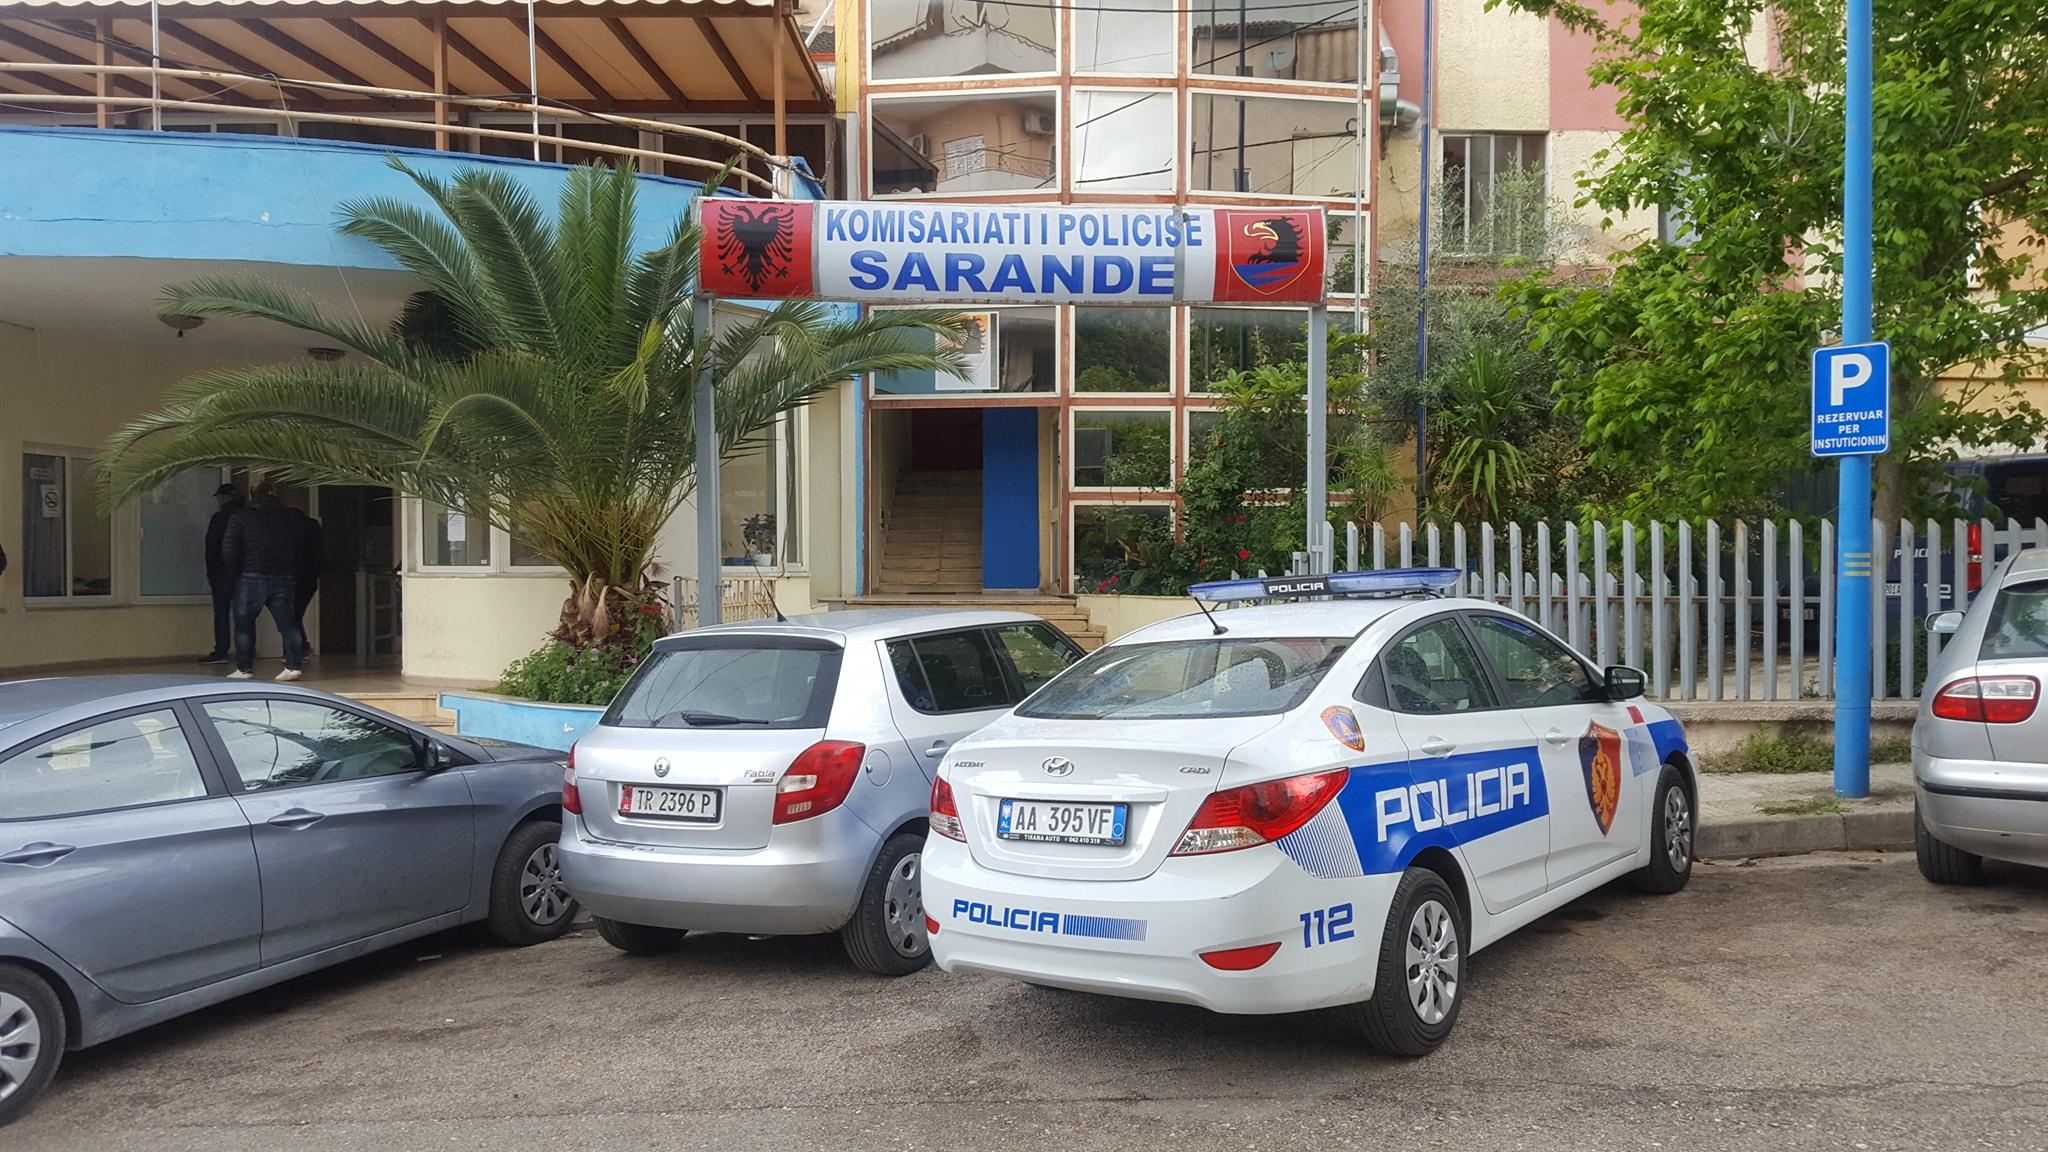 Gjendet i pajetë në banesë një 33-vjeçar në Sarandë, çfarë thotë policia